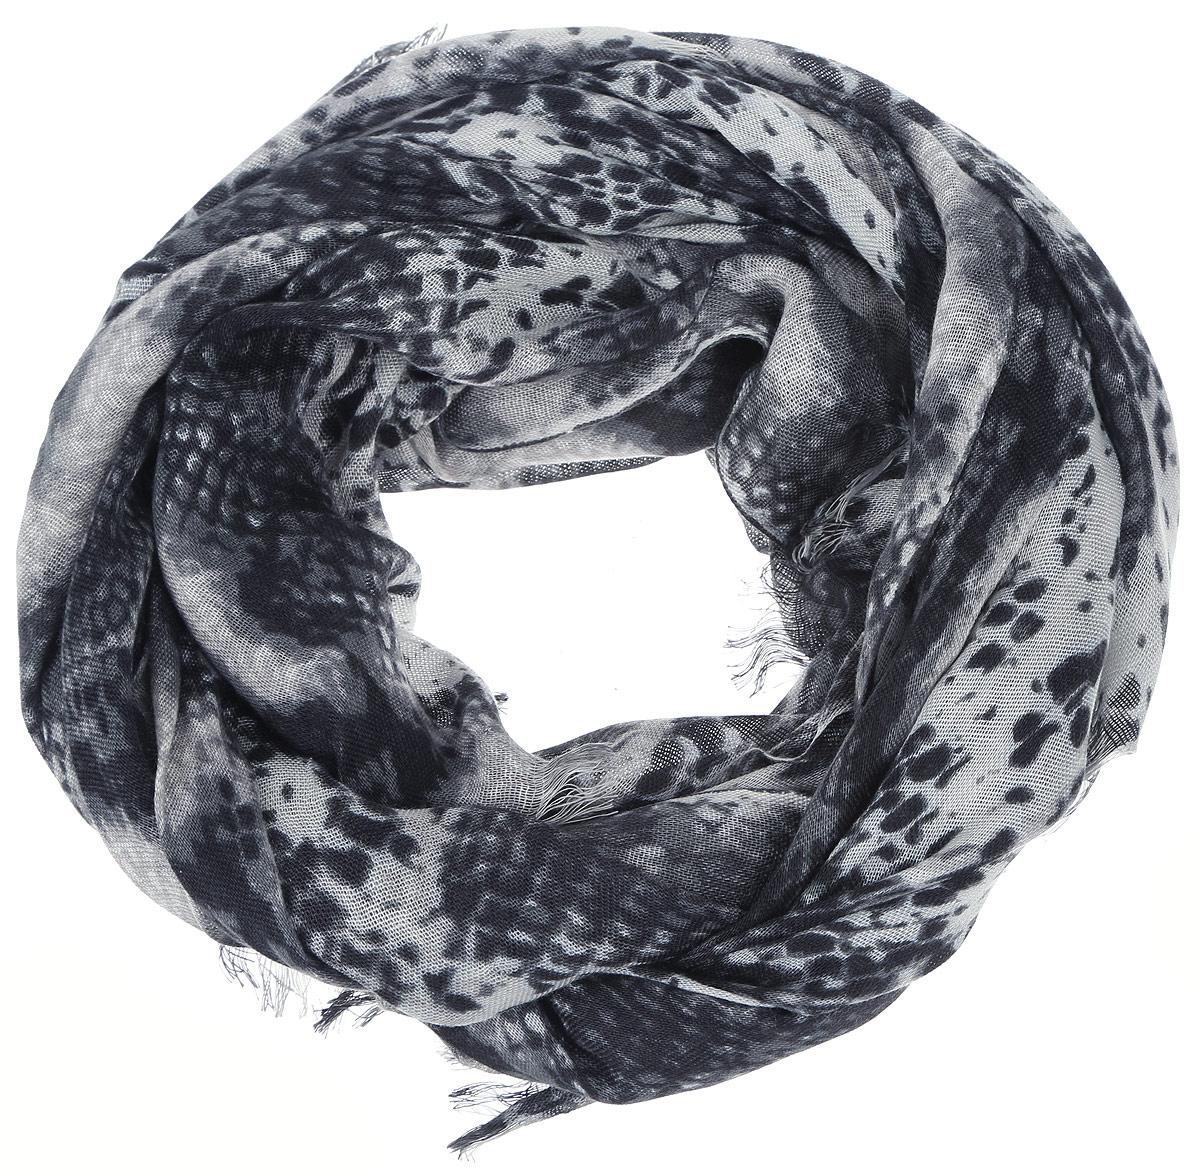 Шарф женский Sela, цвет: белый, черный, серый. SCw-142/450-6302. Размер 184 см x 72 смSCw-142/450-6302Женский шарф Sela, изготовленный из 100% вискозы, подчеркнет вашу индивидуальность. Благодаря своему составу, он легкий, мягкий и приятный на ощупь. Изделие оформлено оригинальным орнаментом.Такой аксессуар станет стильным дополнением к гардеробу современной женщины.